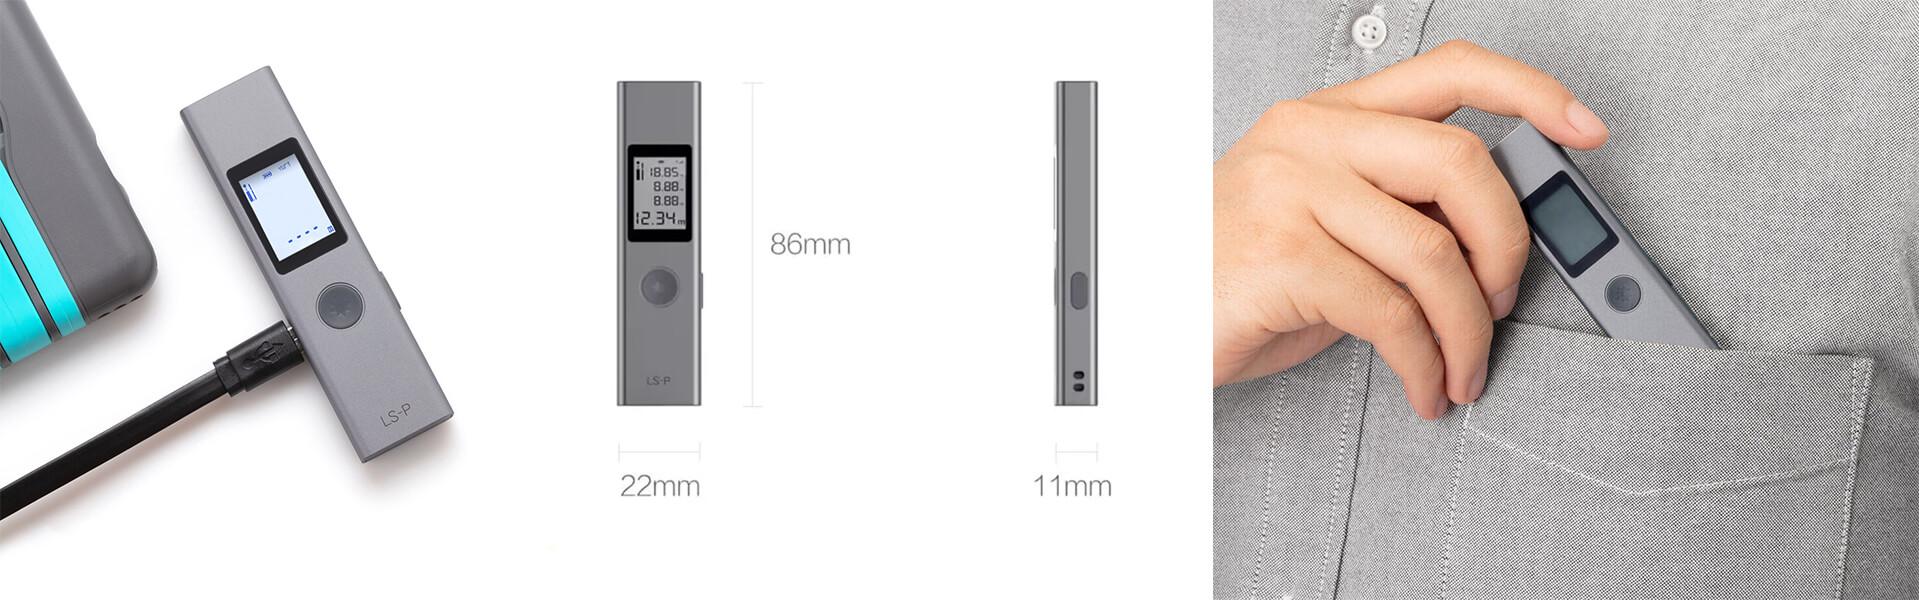 Изображение - Лазерный дальномер Xiaomi Duka LS-P